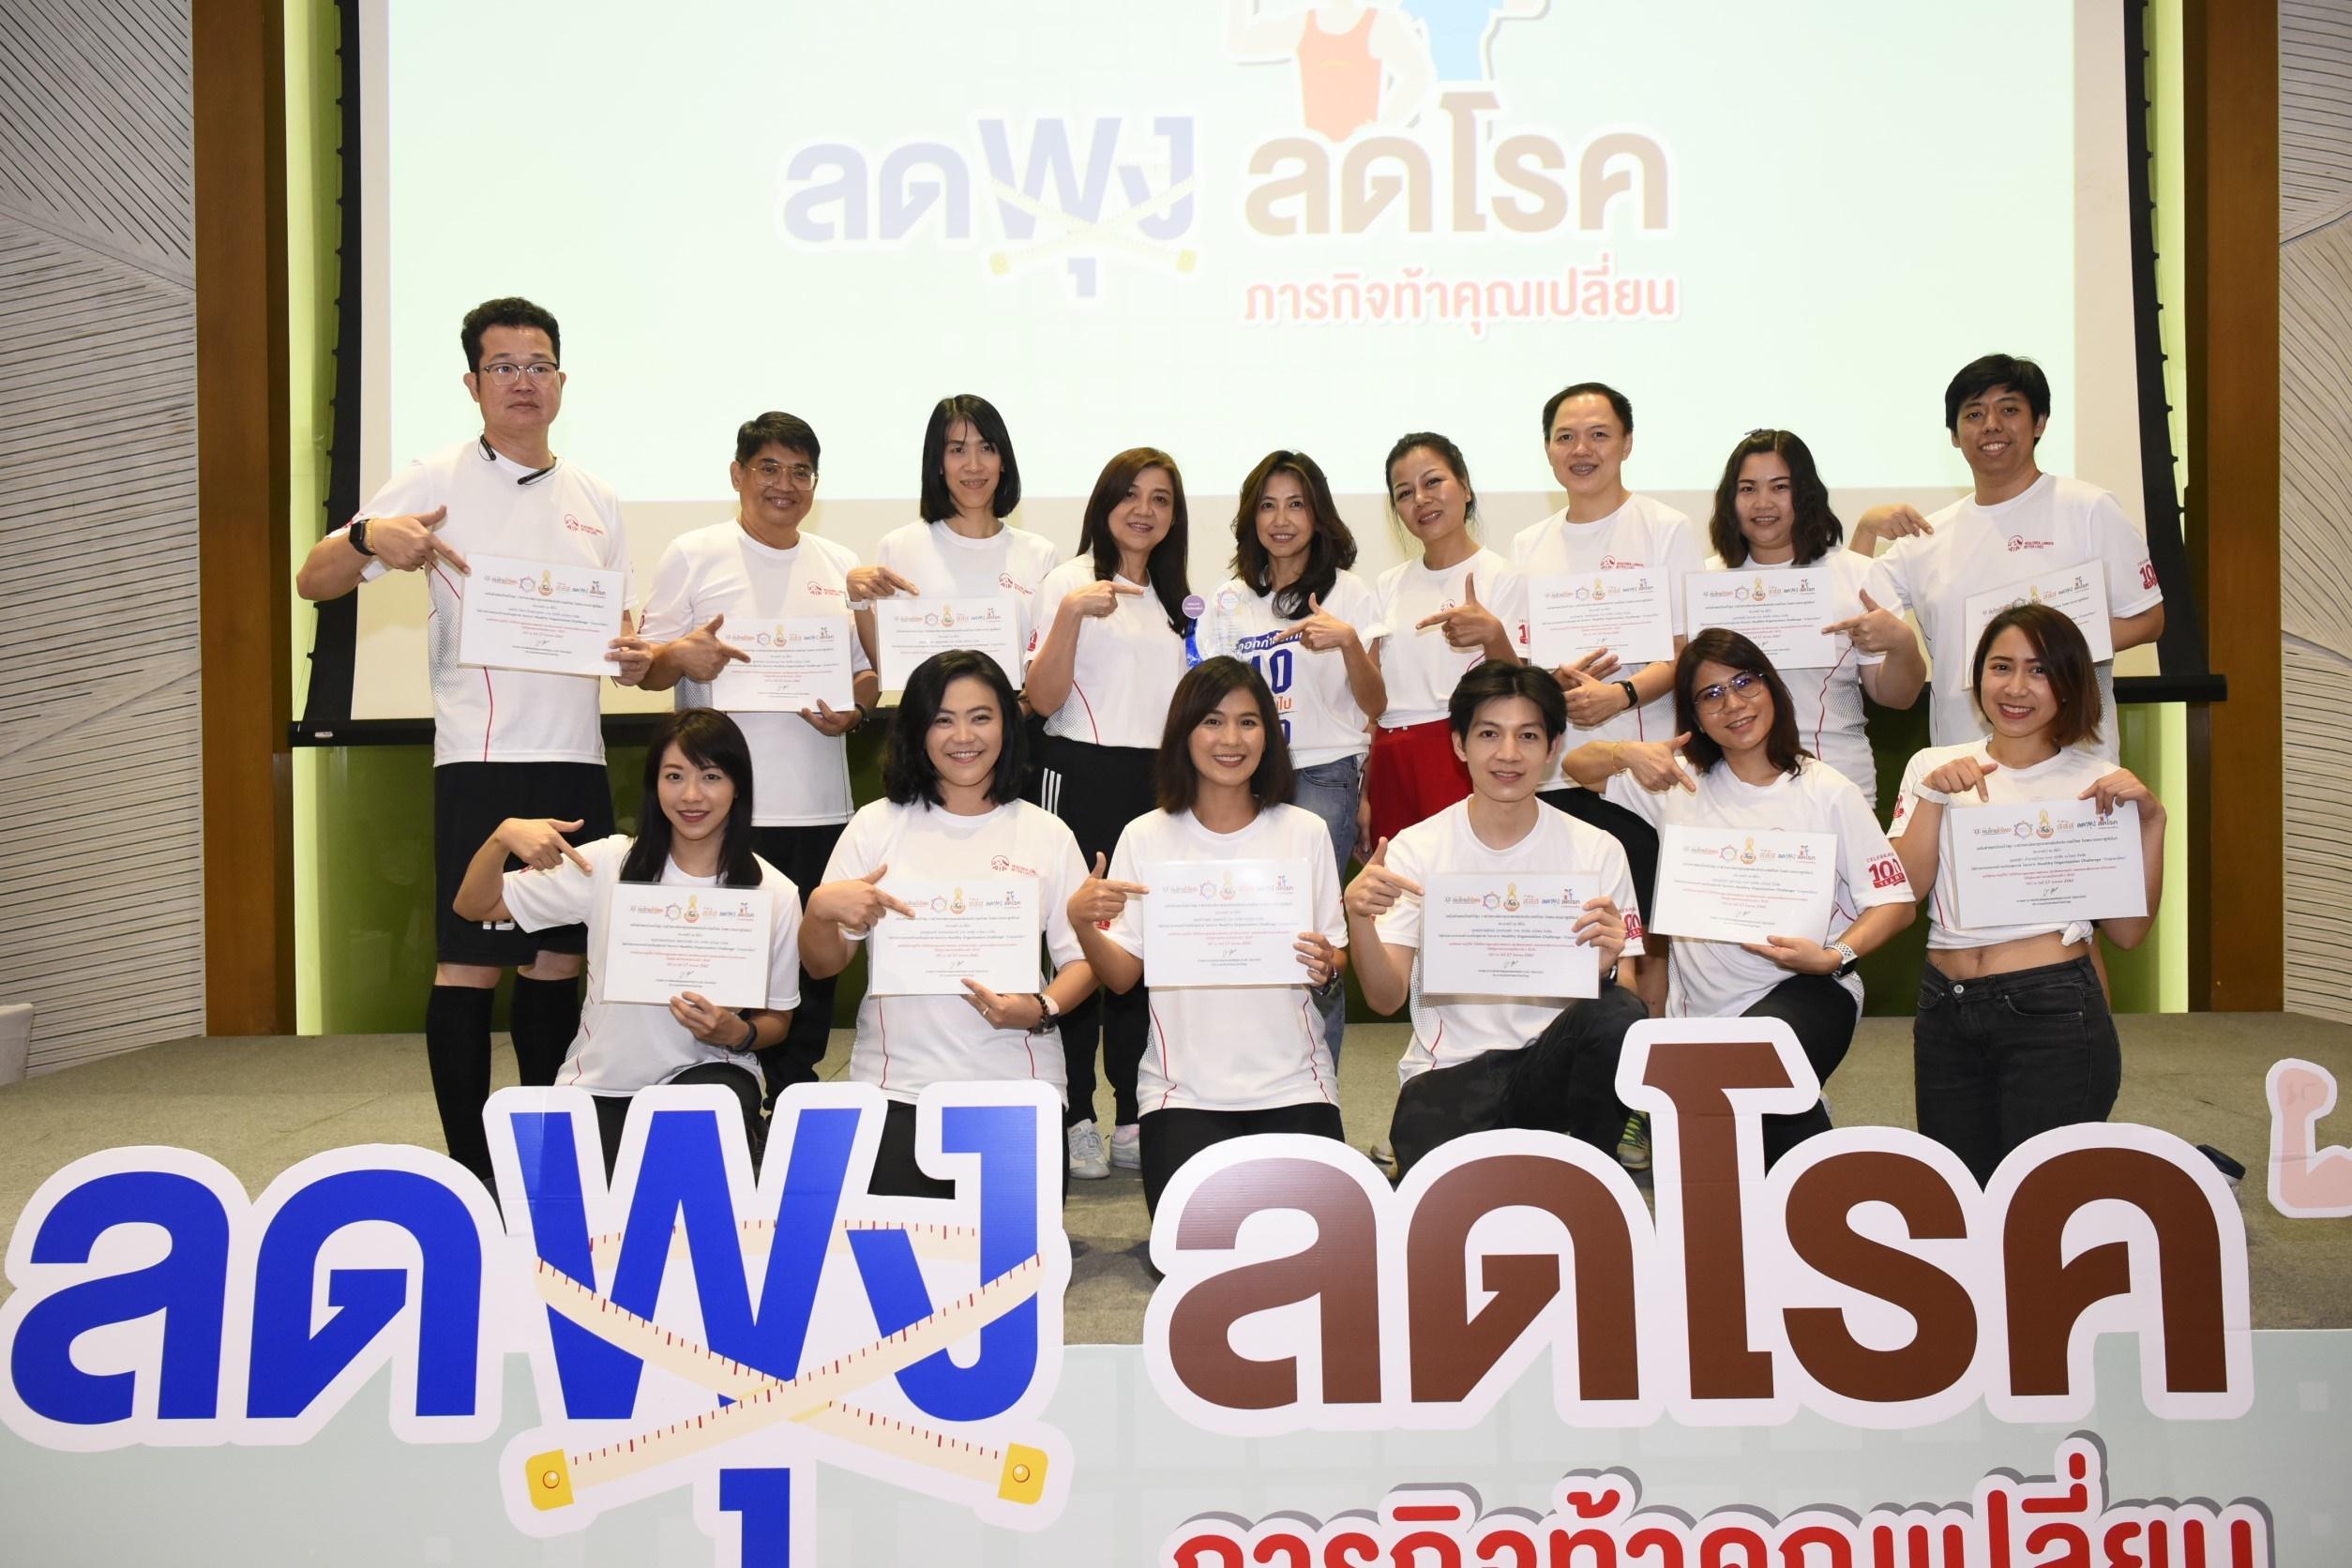 """เอไอเอ ประเทศไทย คว้ารางวัลชนะเลิศโครงการ Healthy Organization Challenge""""ภารกิจท้าคุณเปลี่ยน"""""""